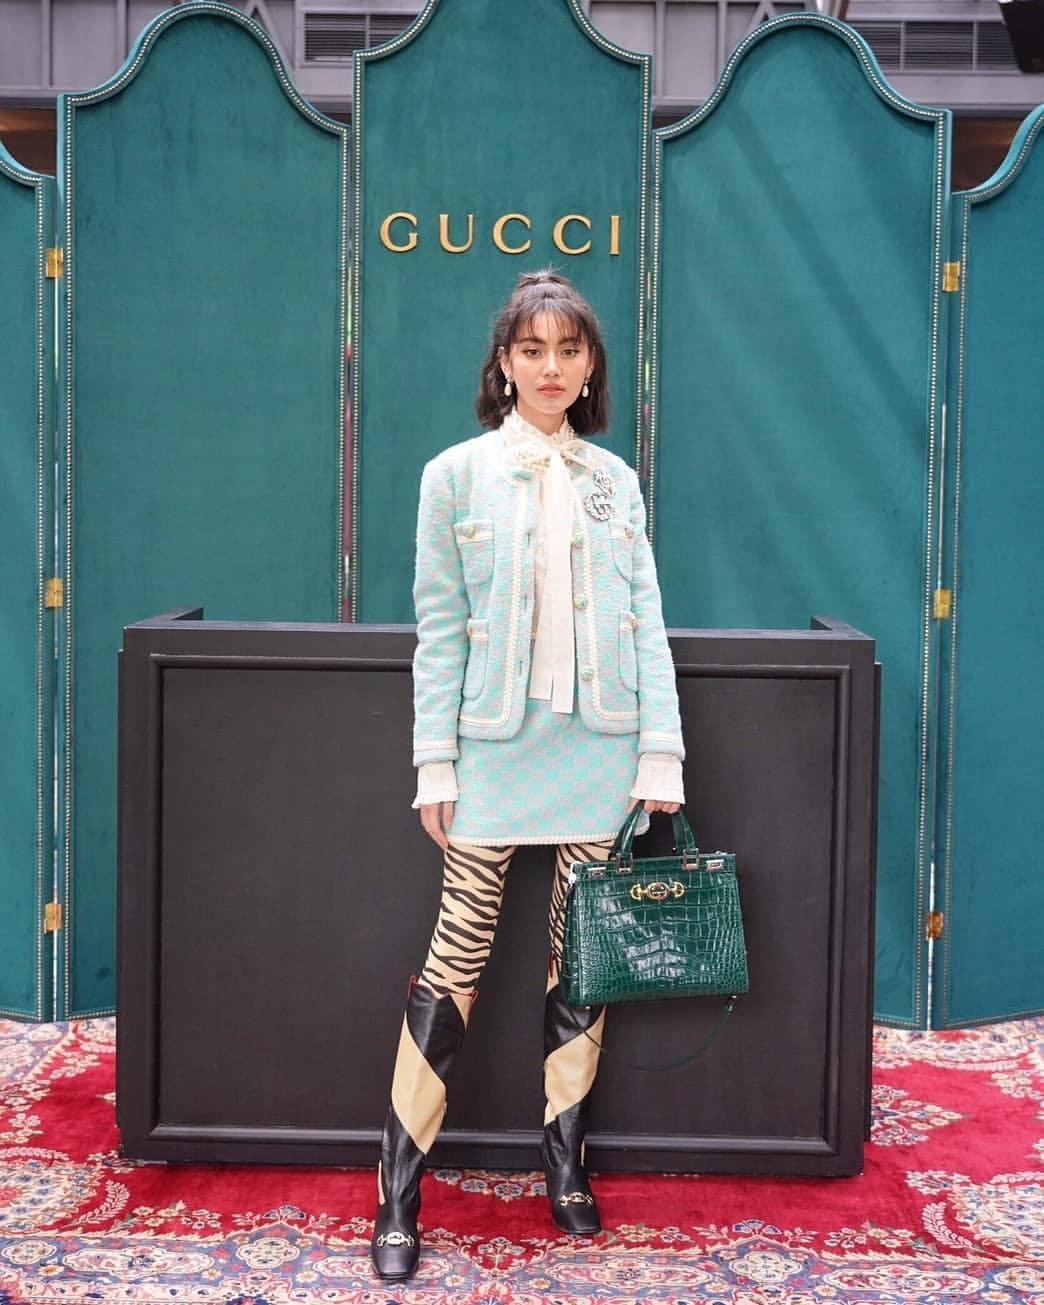 Cô dự ra mắt BST Thu Đông 2019 của Gucci với loạt trang phục đắt đỏ của nhà mốt. Người đẹp phối váy ngắn xanh mint với tất chân và boots họa tiết ngựa vằn. Nhiều fan nói thích mẫu túi xách da bóng màu xanh thẫm Gucci.